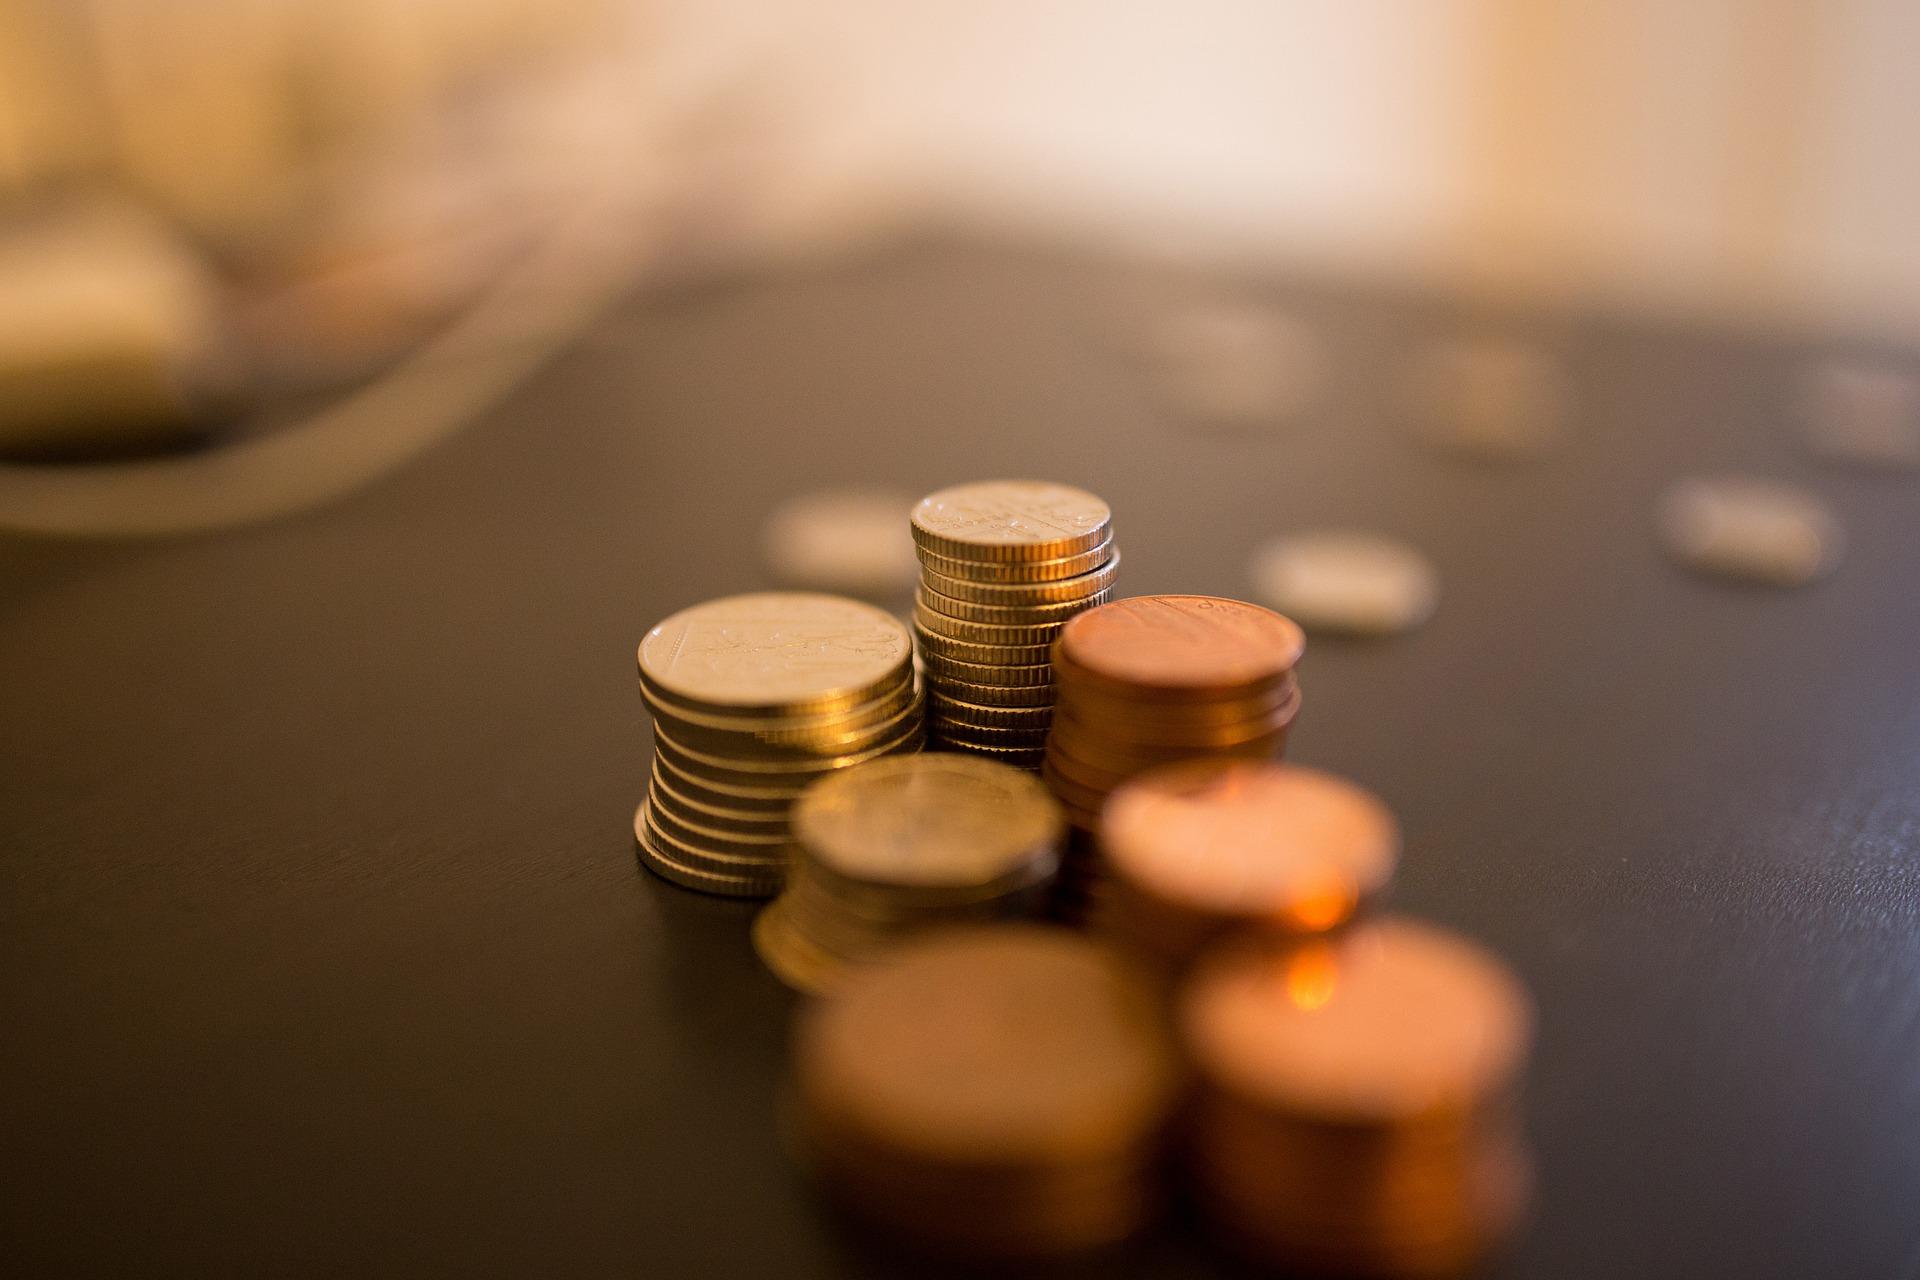 coins-1.jpg